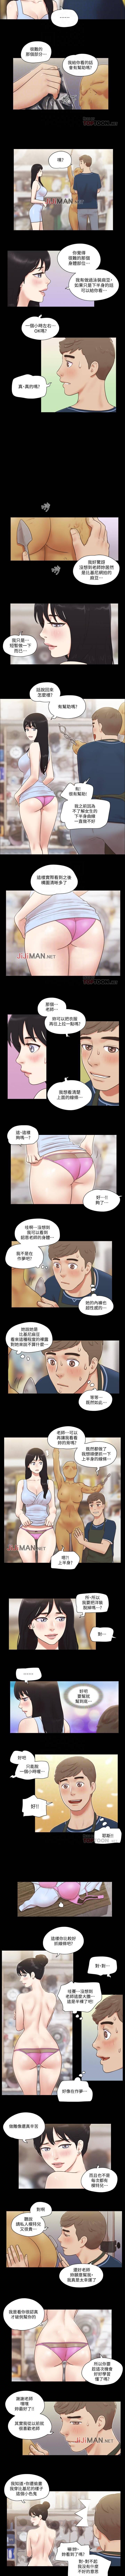 【周五连载】协议换爱(作者:遠德) 第1~57话 215